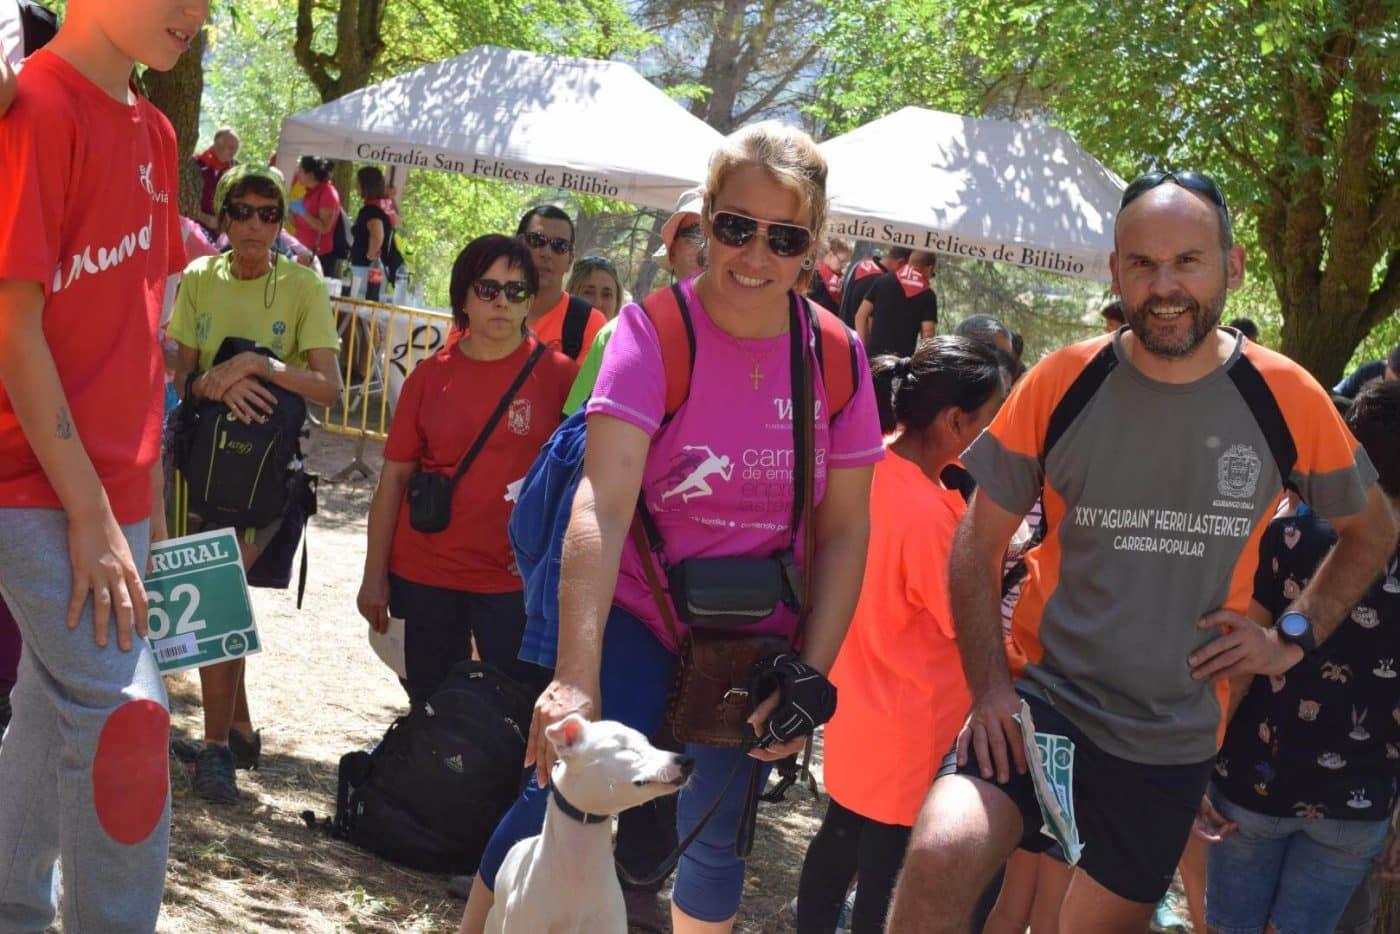 Gustavo Sánchez y Rebeca Peña, ganadores en San Felices 10